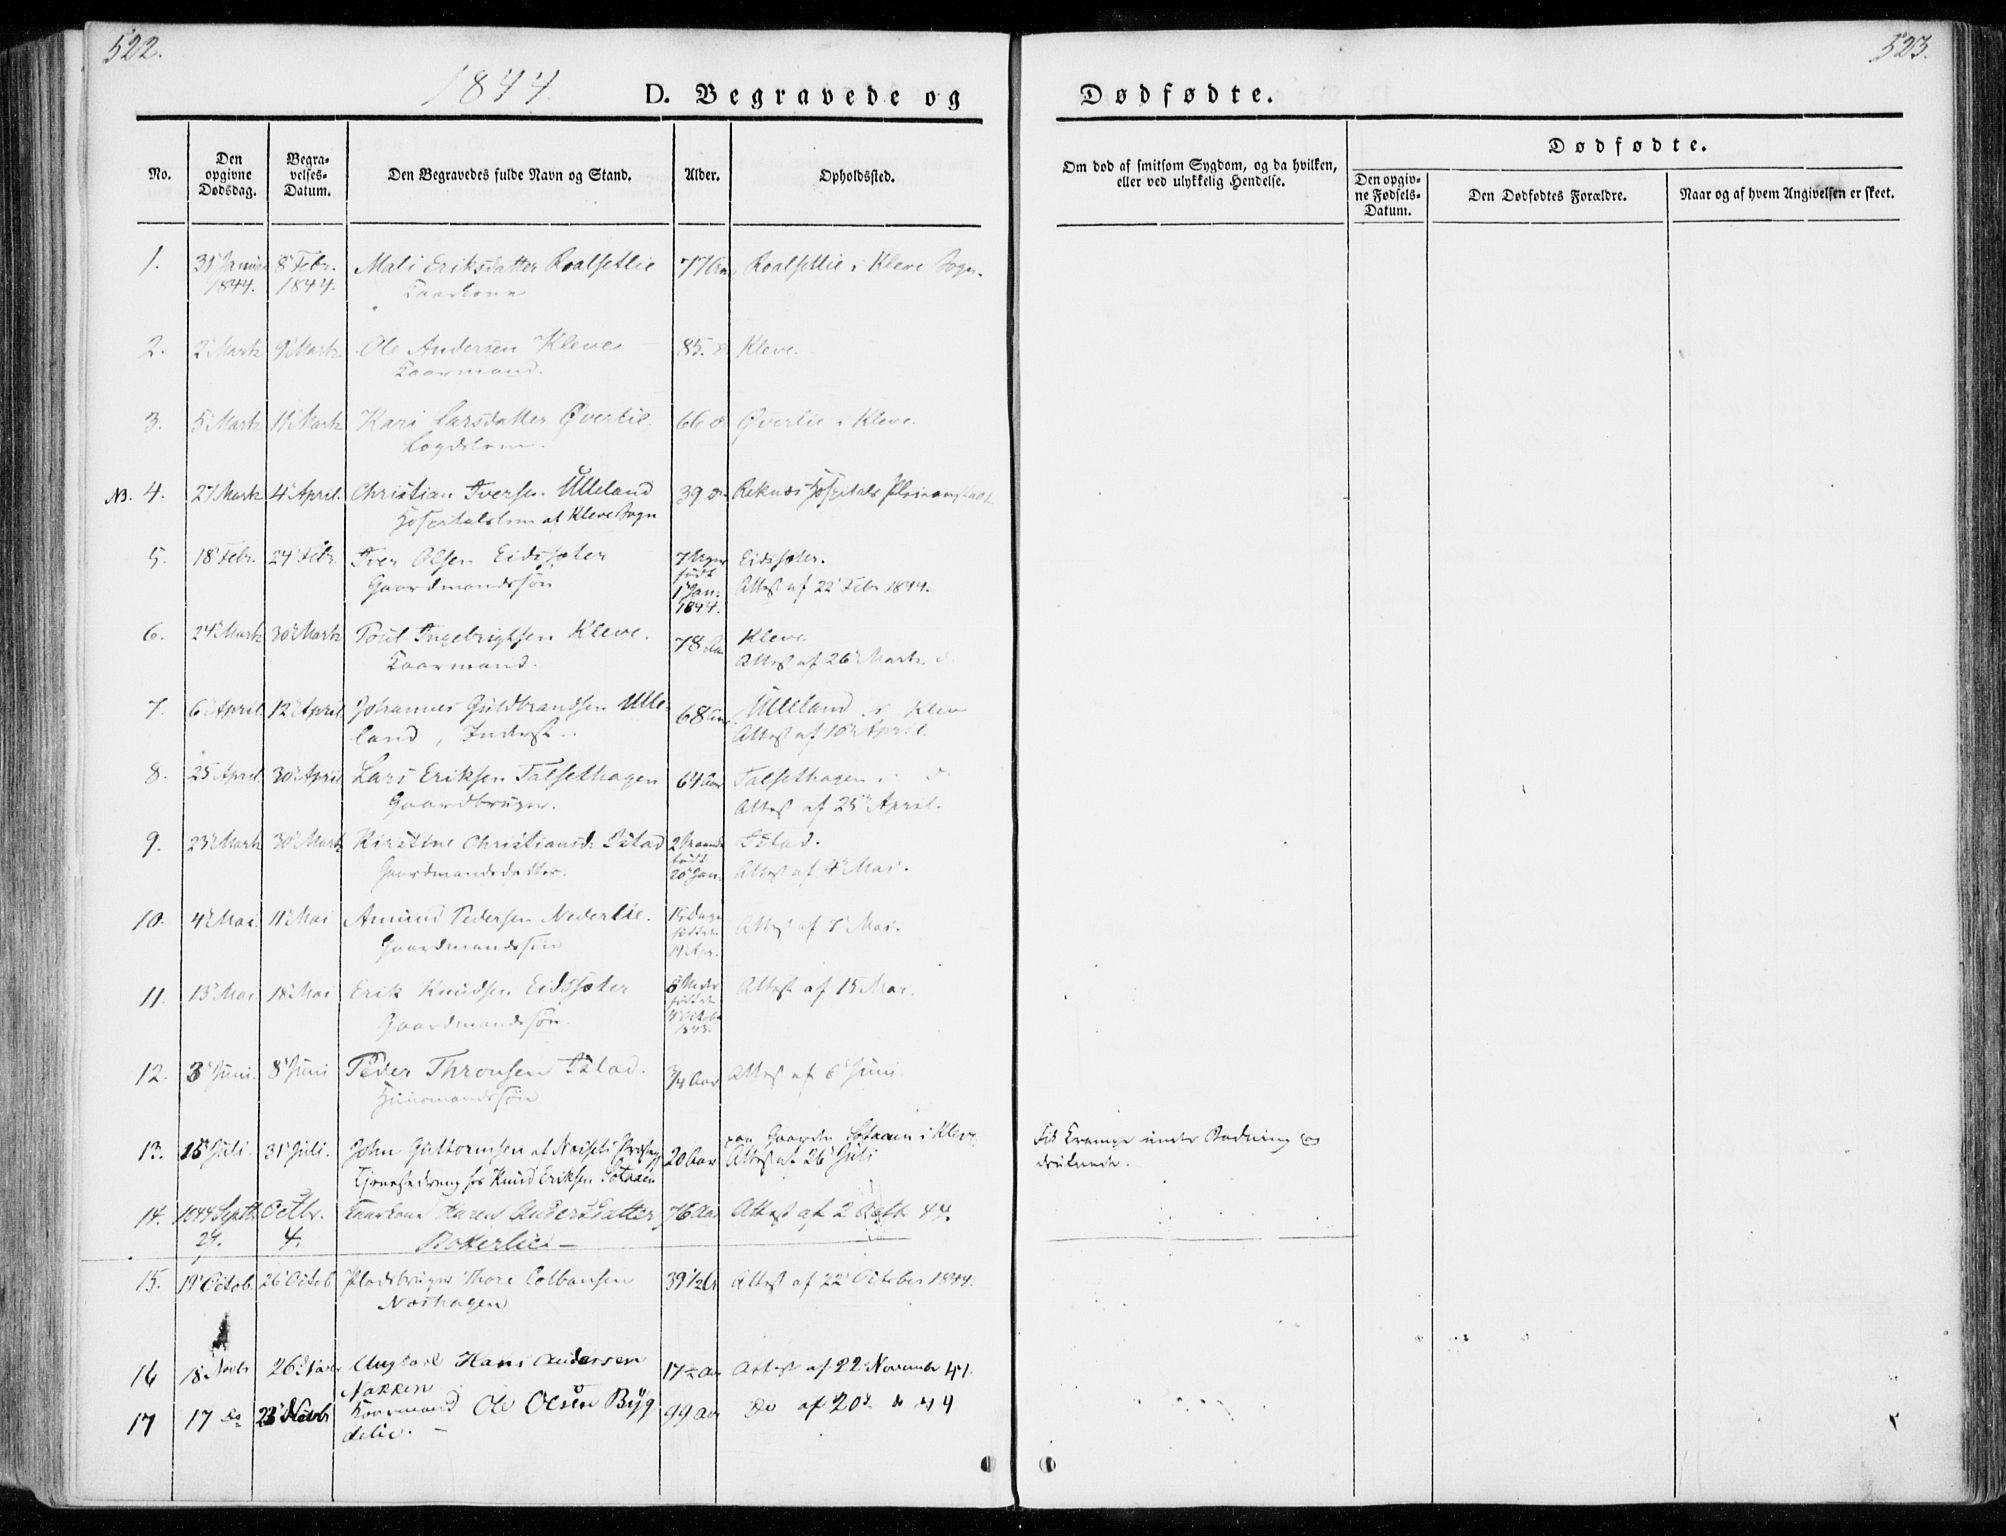 SAT, Ministerialprotokoller, klokkerbøker og fødselsregistre - Møre og Romsdal, 557/L0680: Ministerialbok nr. 557A02, 1843-1869, s. 522-523